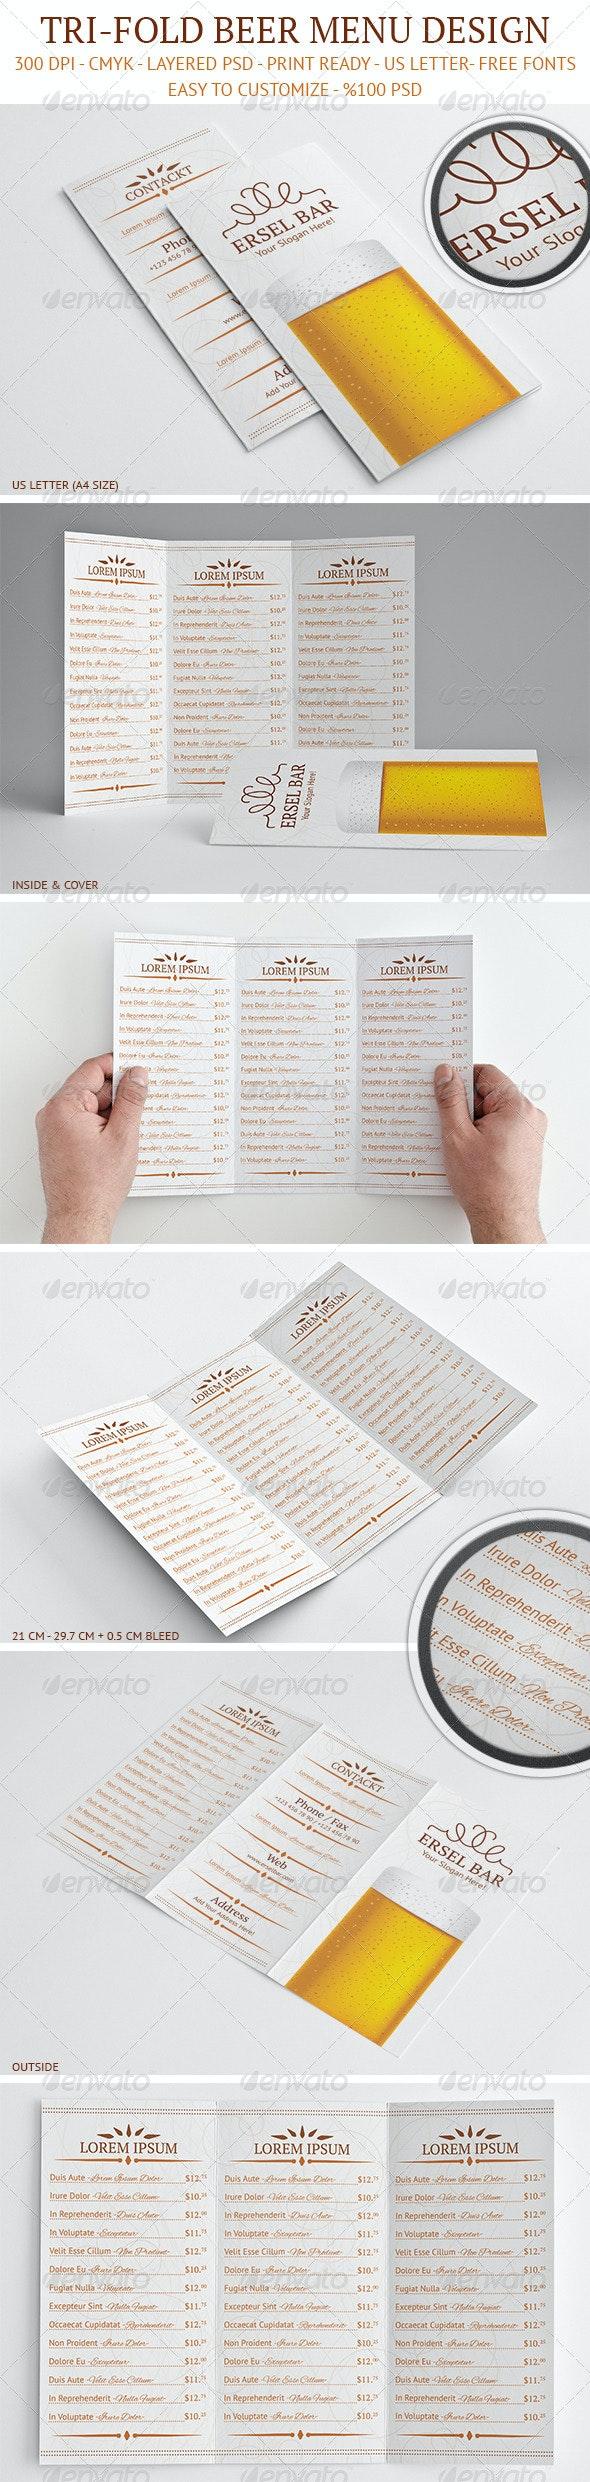 Tri-Fold Beer Menu Design - Food Menus Print Templates